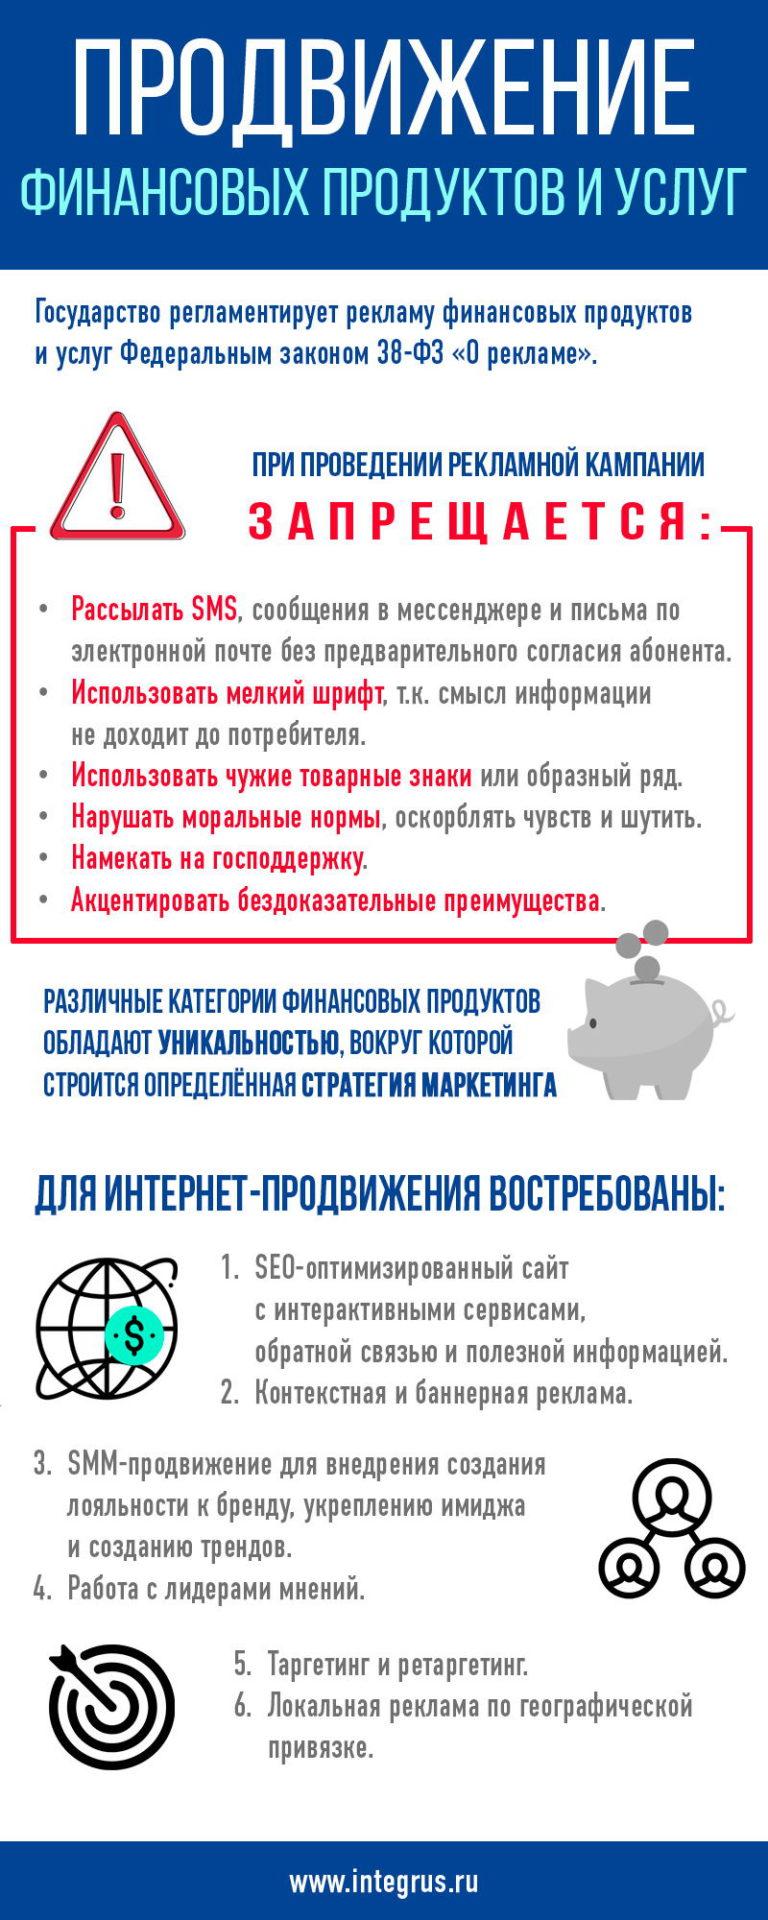 Реклама финансовых и банковских услуг